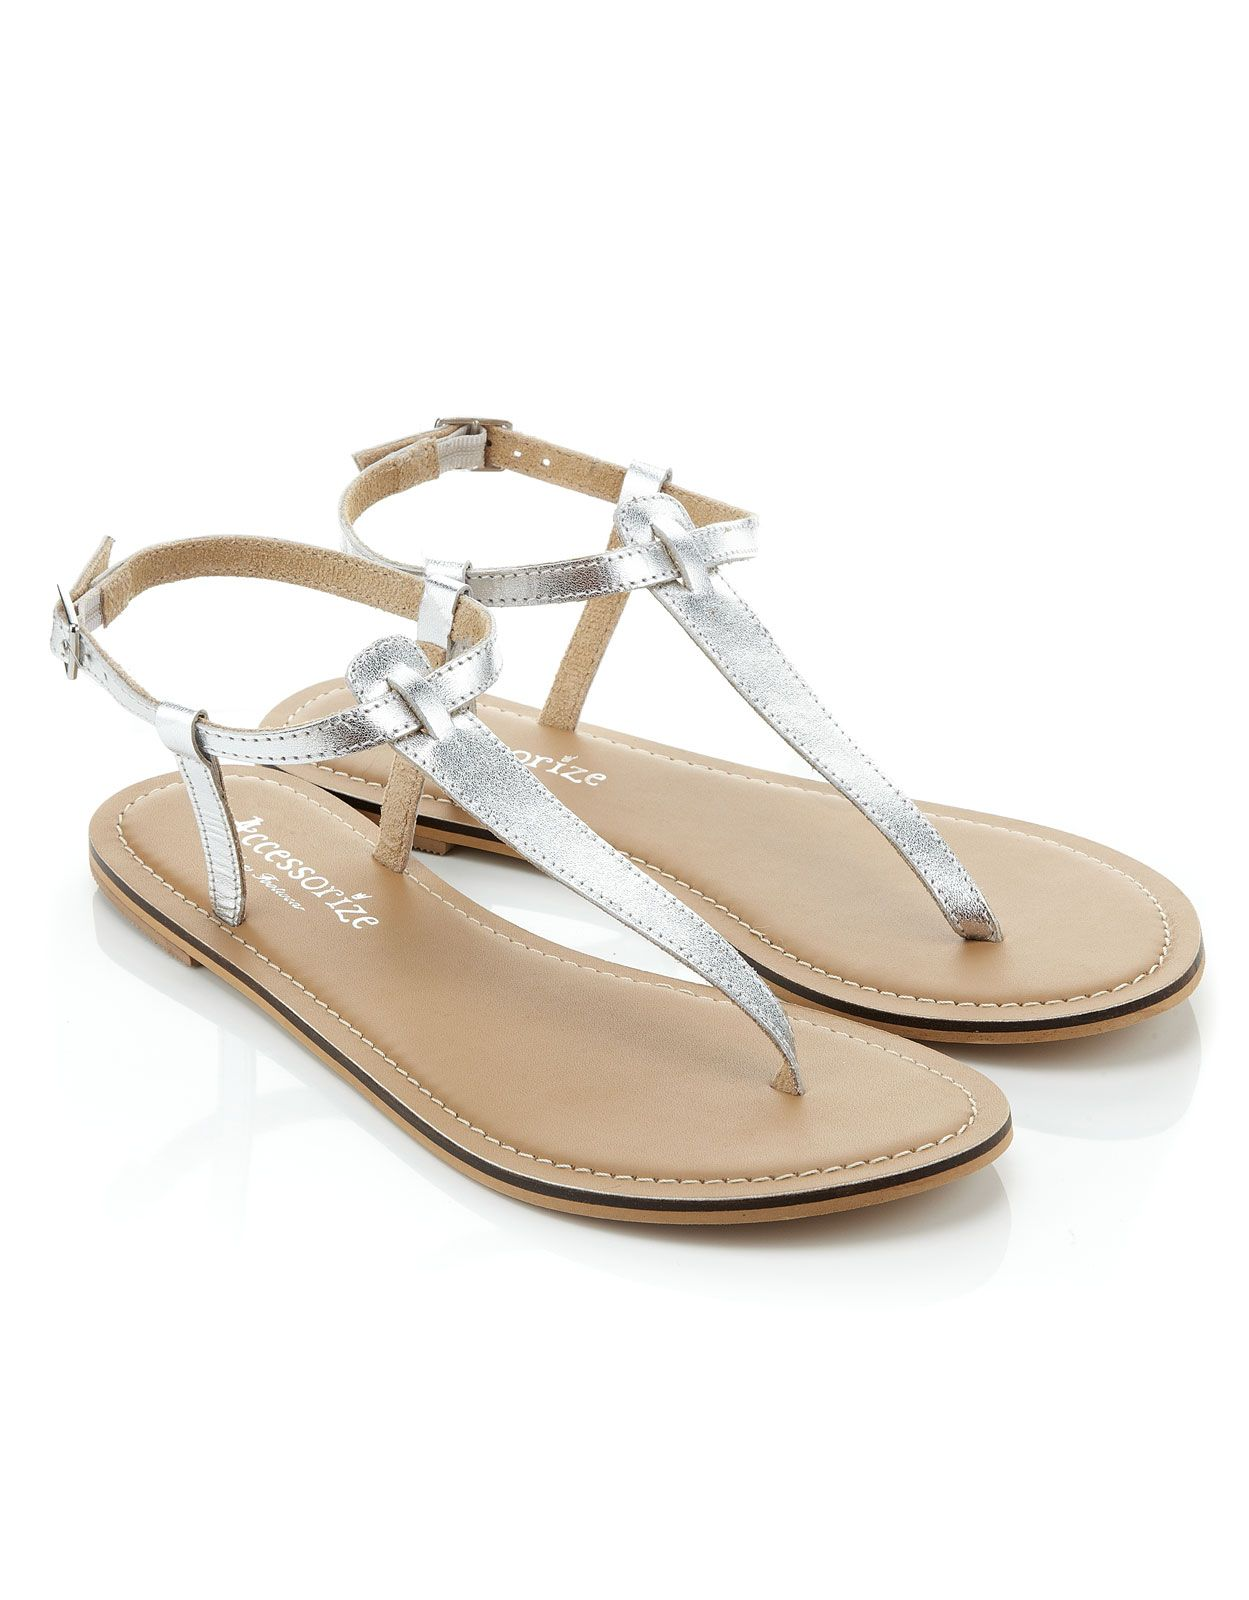 quality design 26c1f 4aef6 Schlichte Sandalen mit Zehensteg   Silber   Accessorize ...